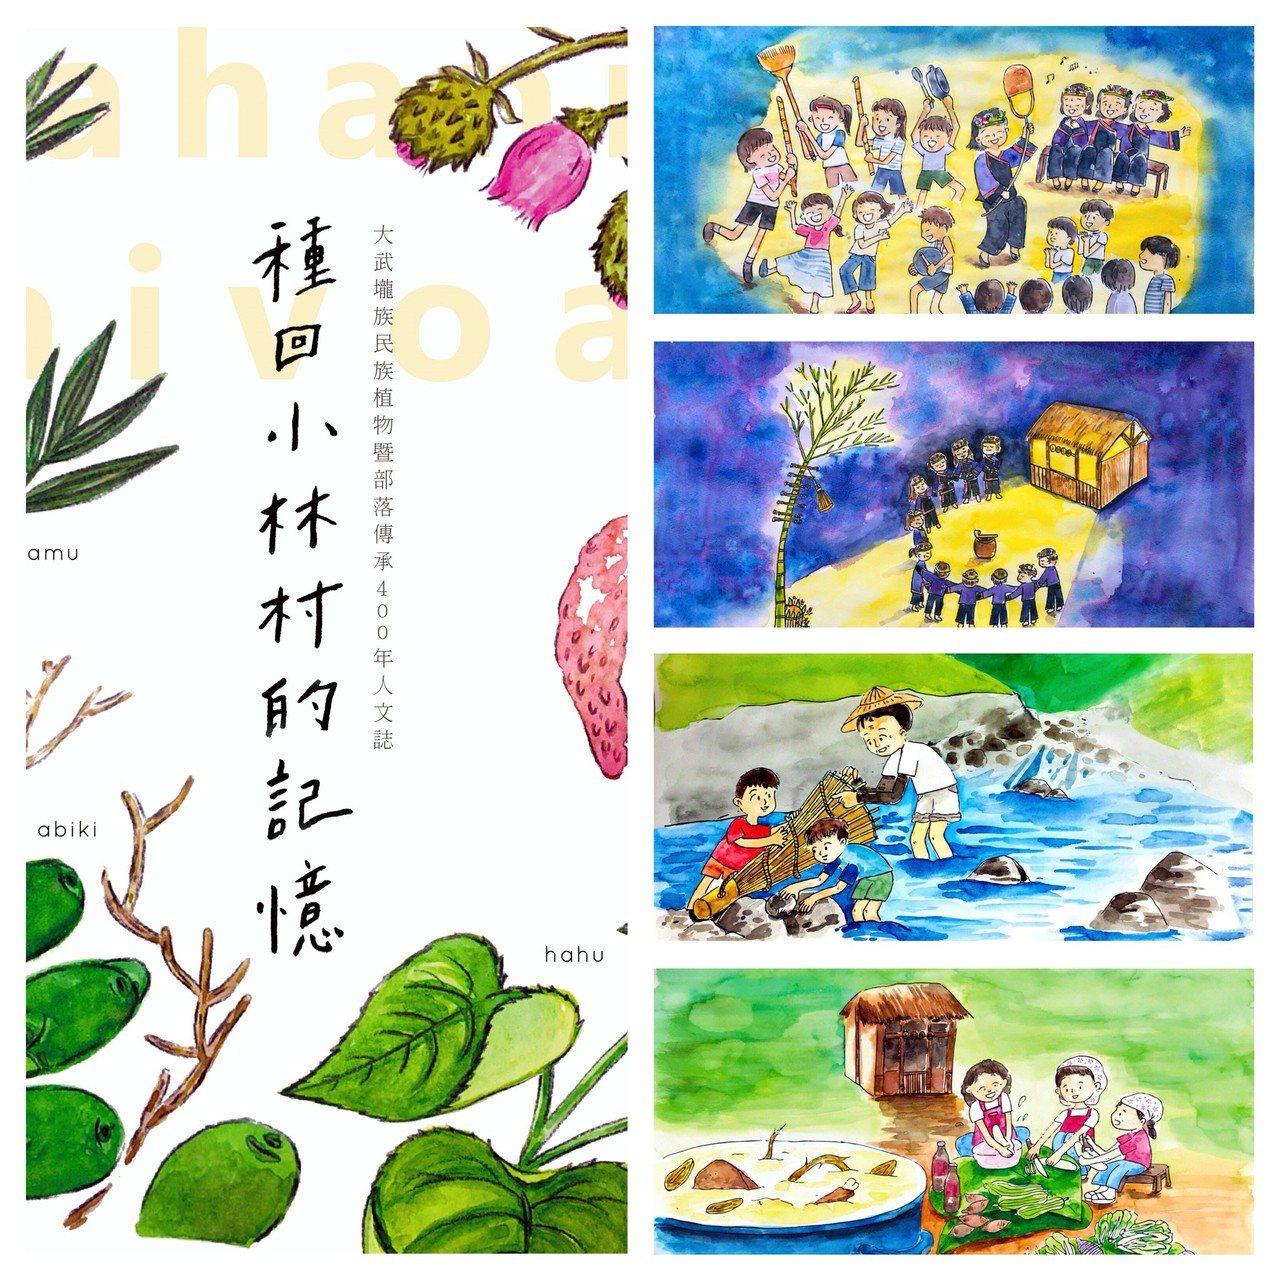 「種回小林村的記憶」從植物回溯先民的智慧,被大武壠族人視為部落文化傳承的人文誌,...